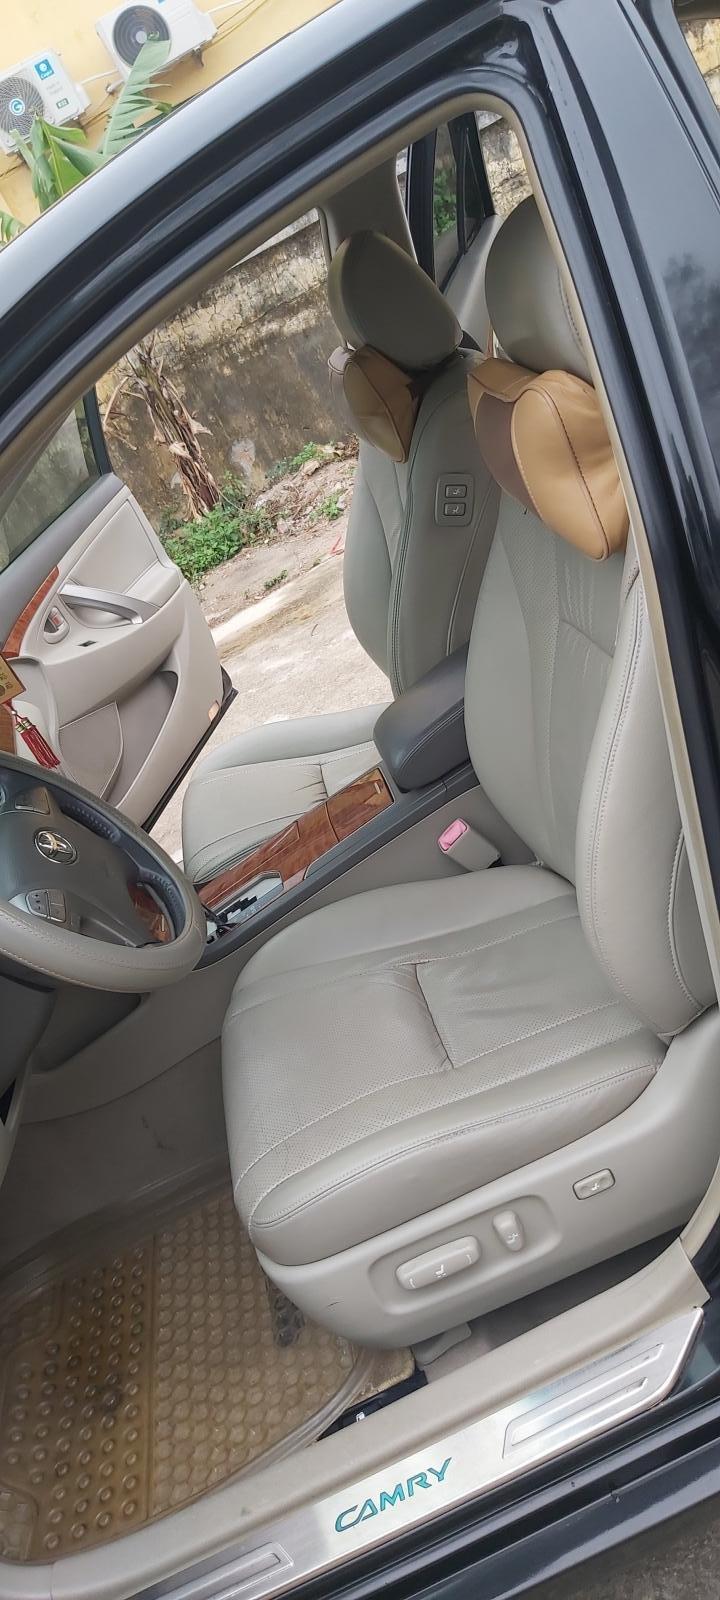 Toyota Camry 2008 nguyên bản cần bán (6)